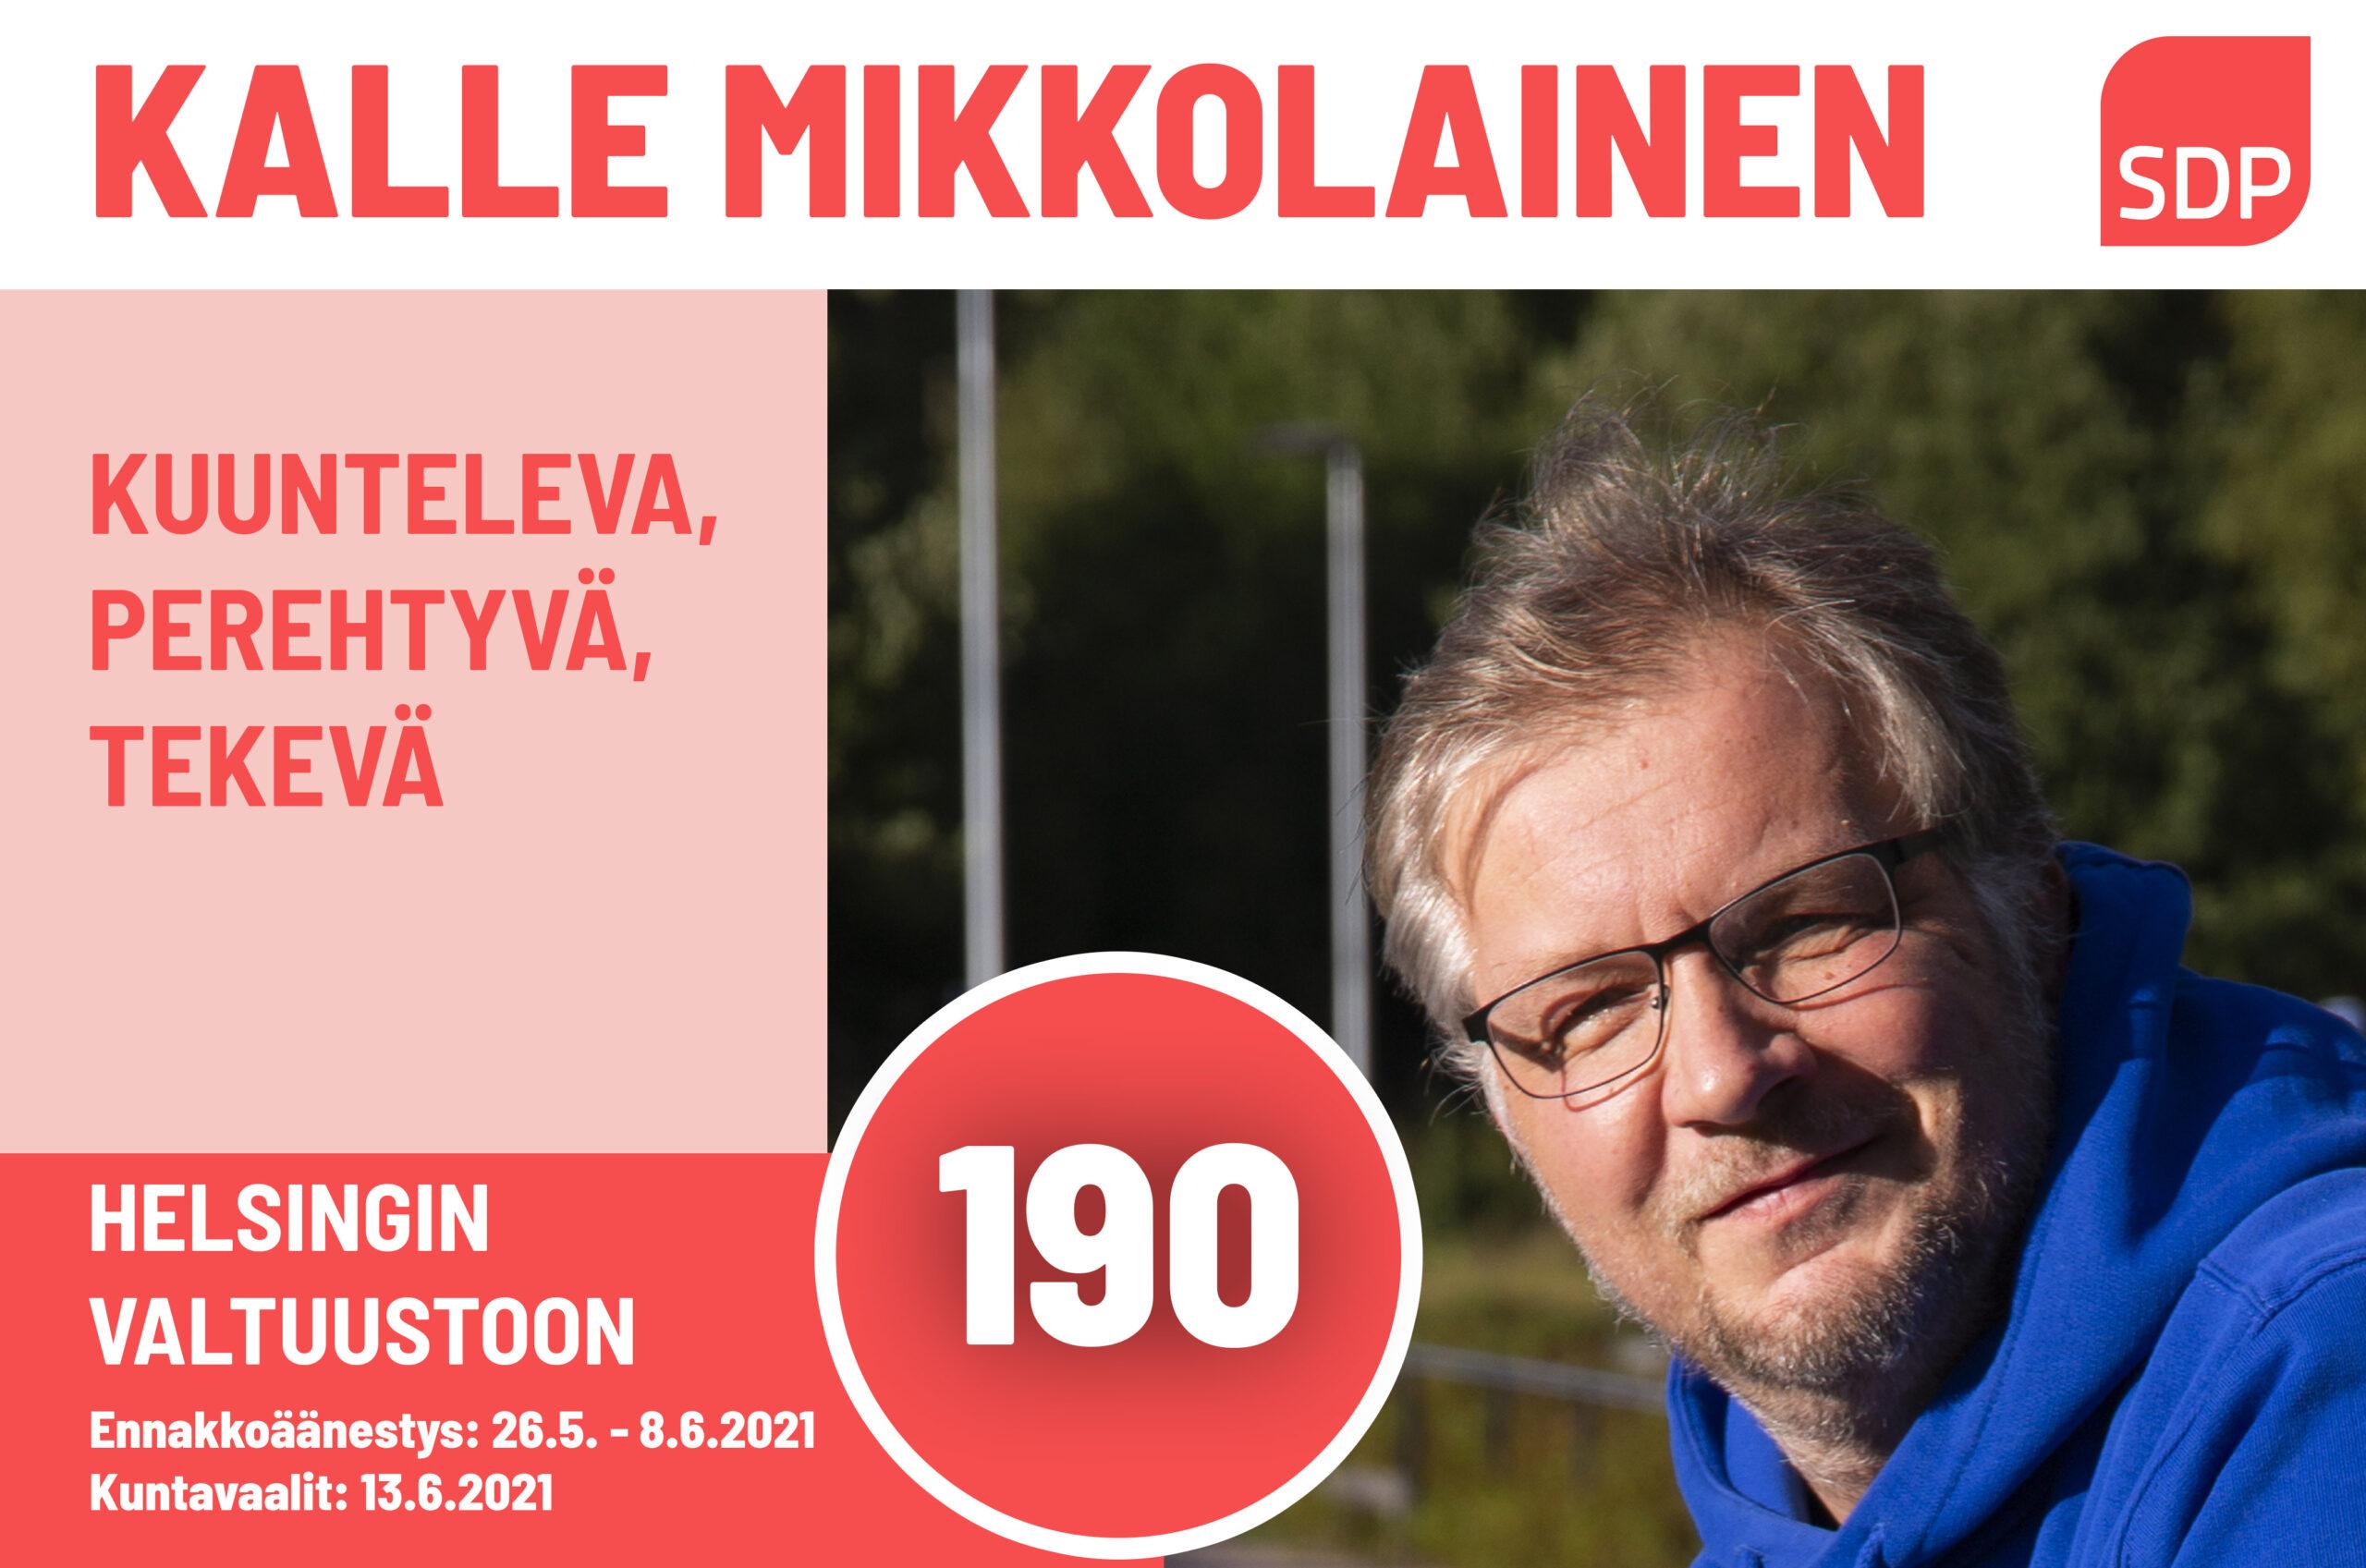 Kalle Mikkolainen 190